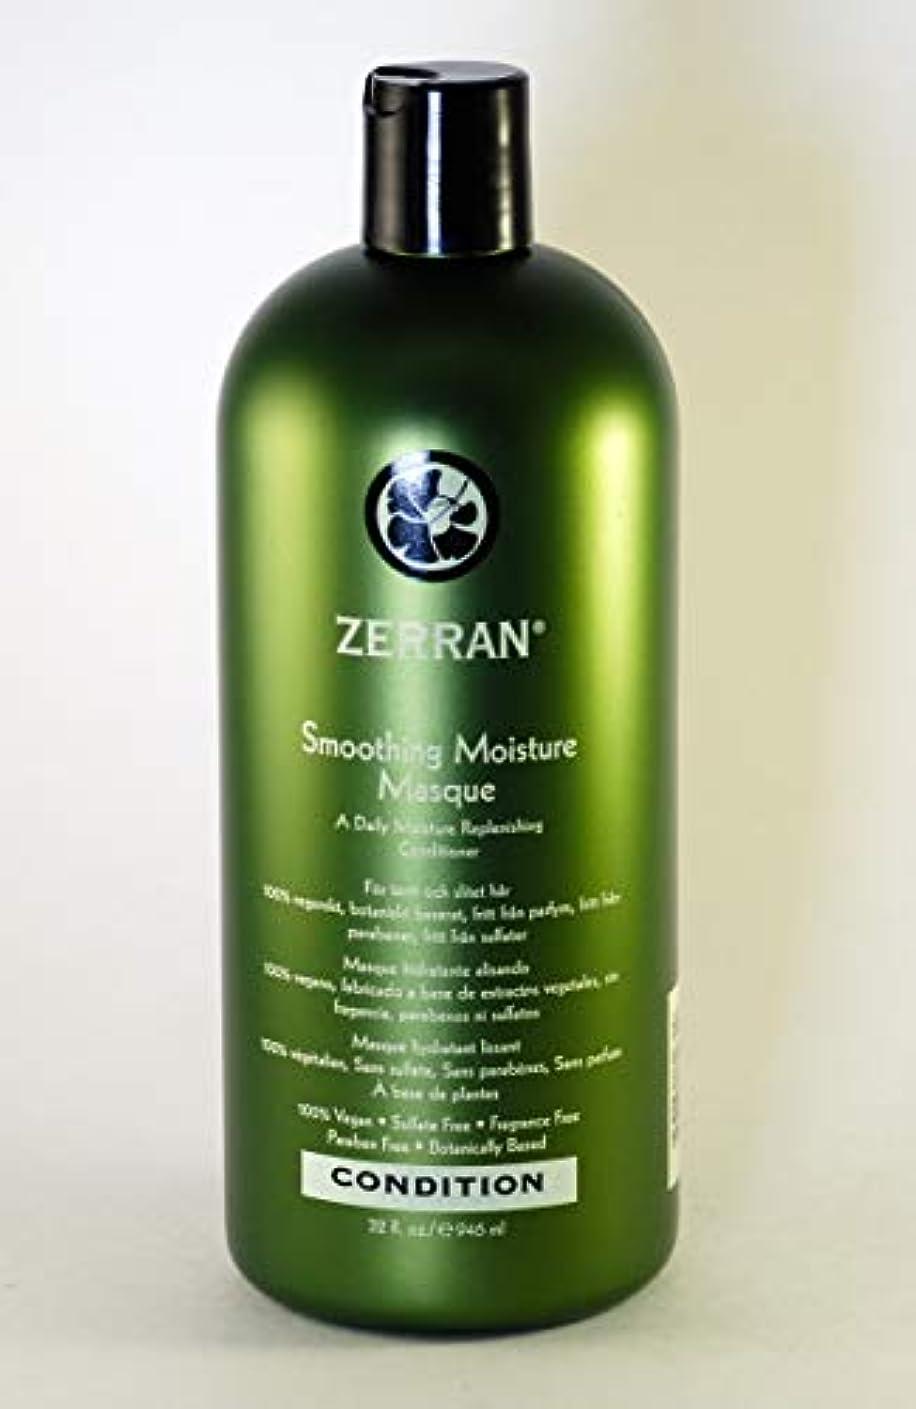 膨らませるローマ人集中的なZerran Hair Care Zerran RealLisseスムージングモイスチャー仮面 - 32オンス